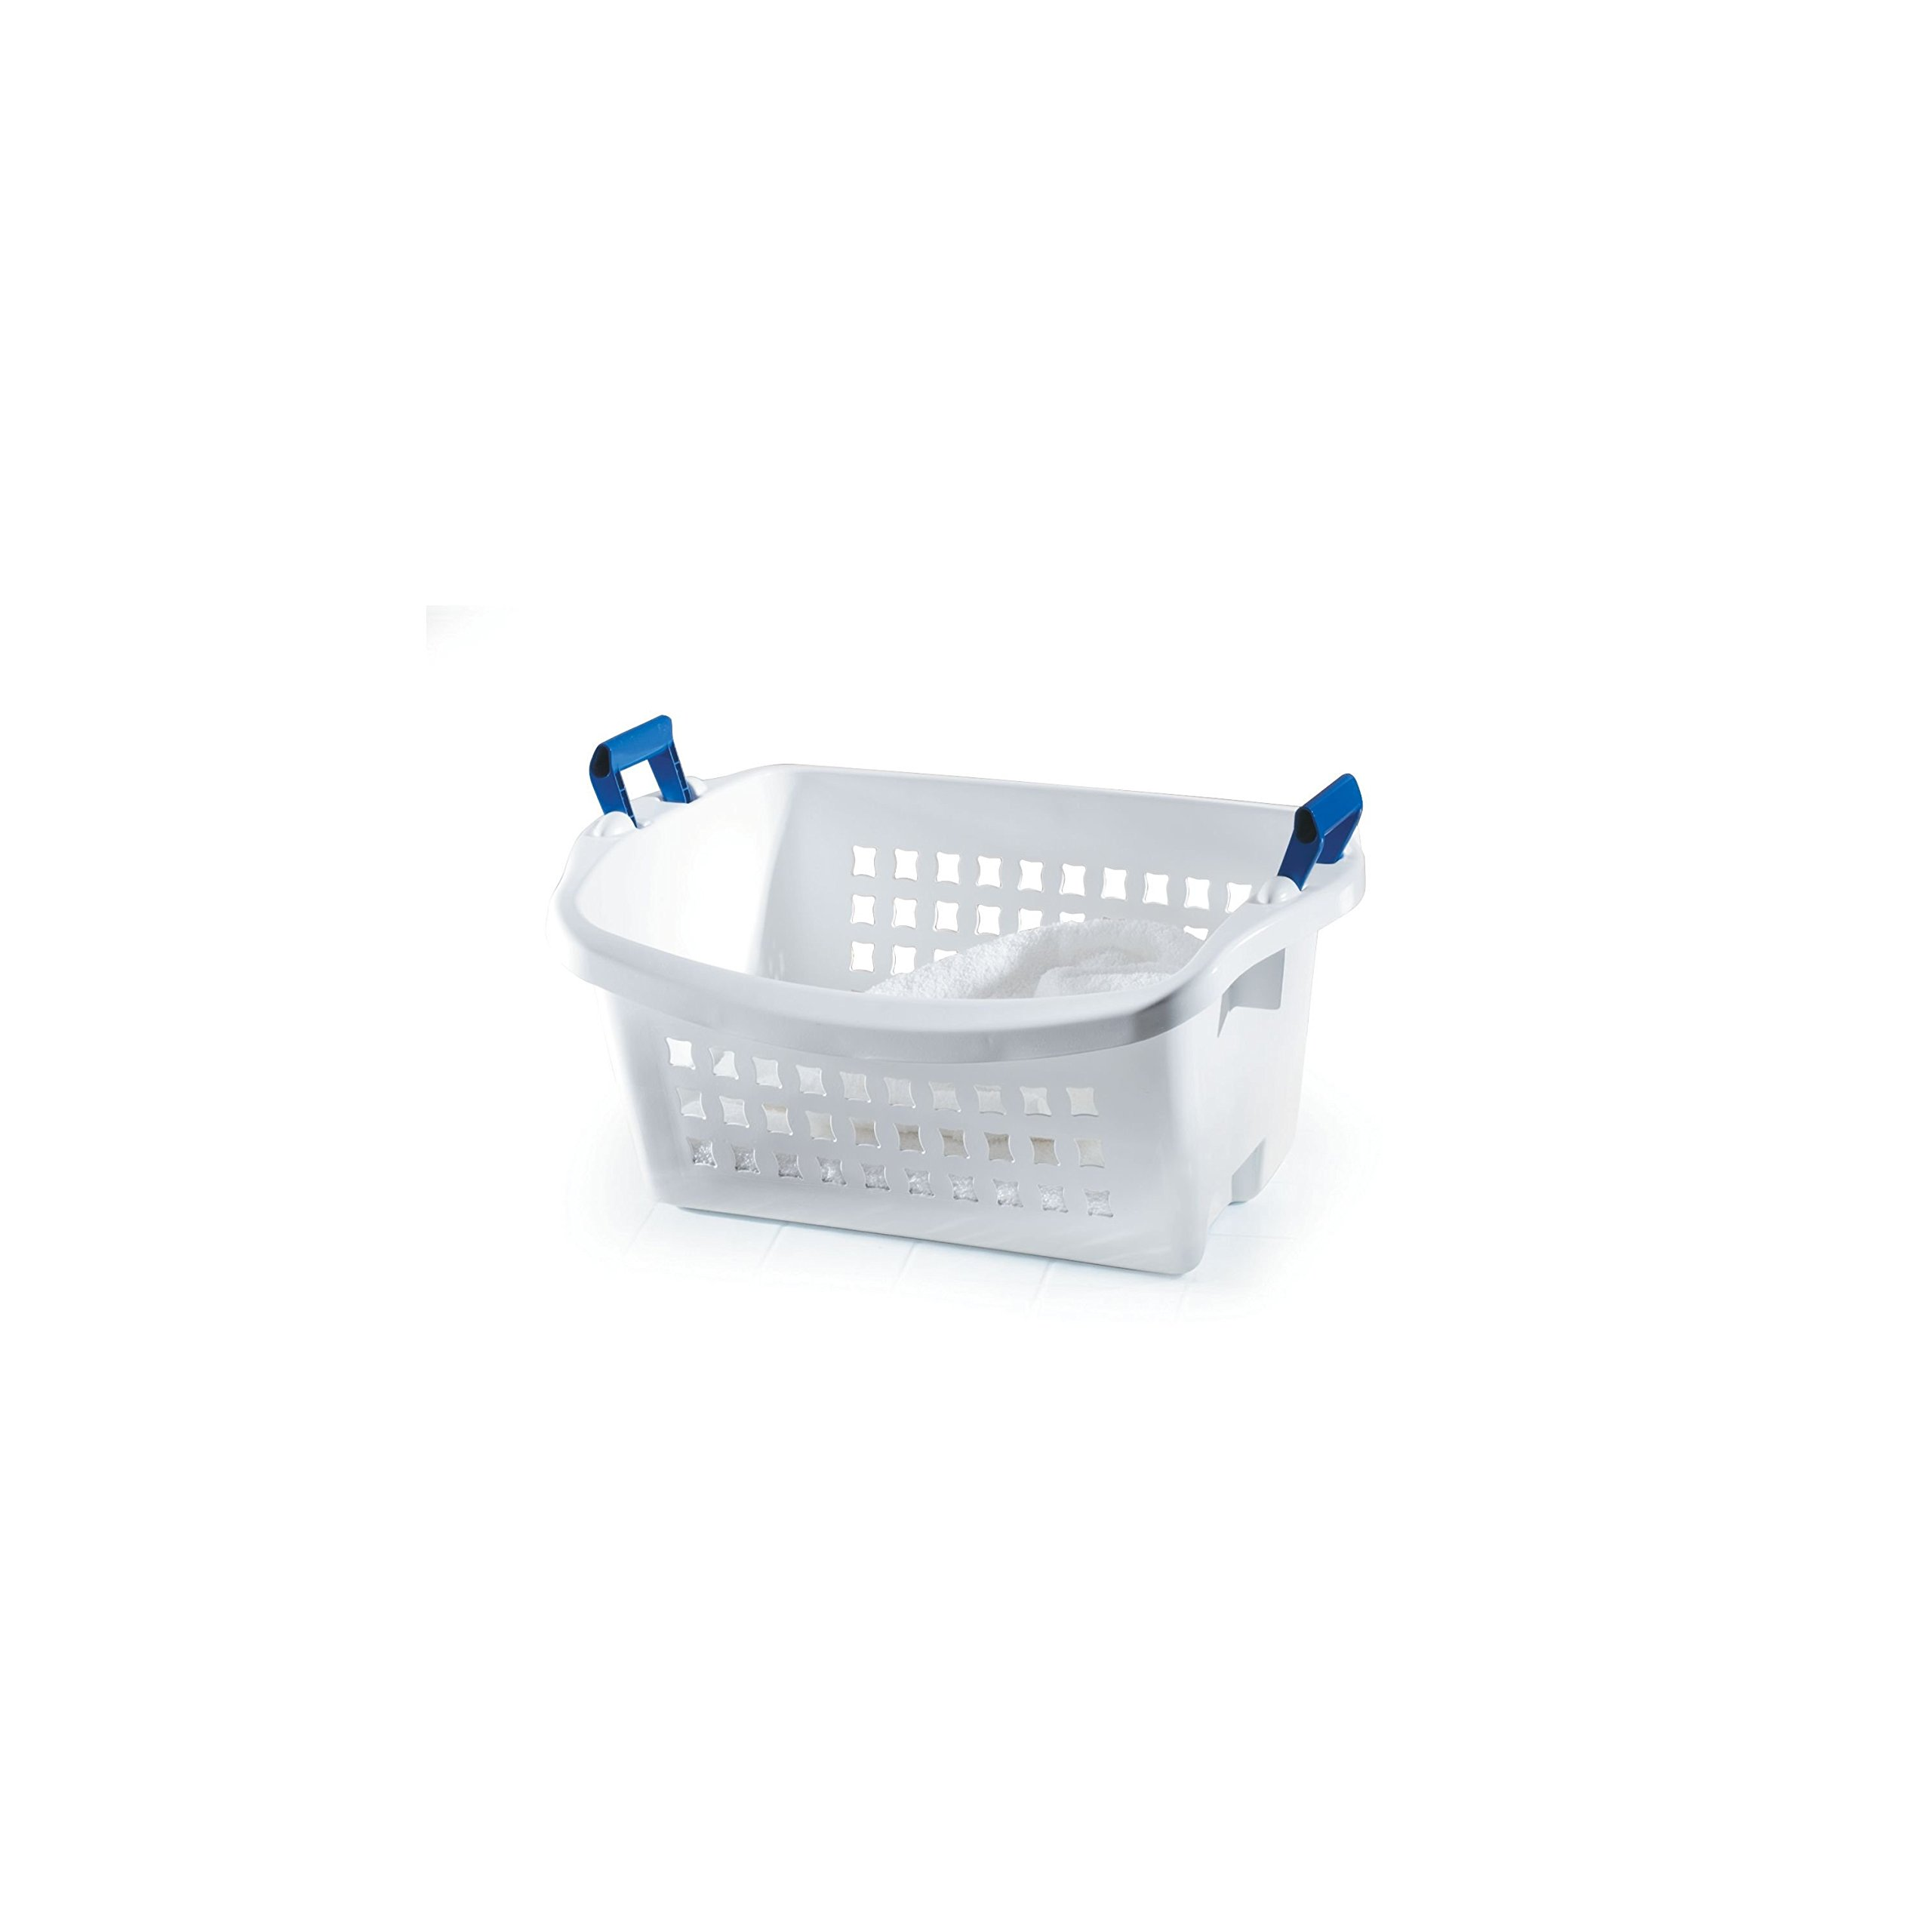 Rubbermaid Stack N' Sort Nesting Laundry Basket, White, Medium (FG292800WHT), 6 Pack